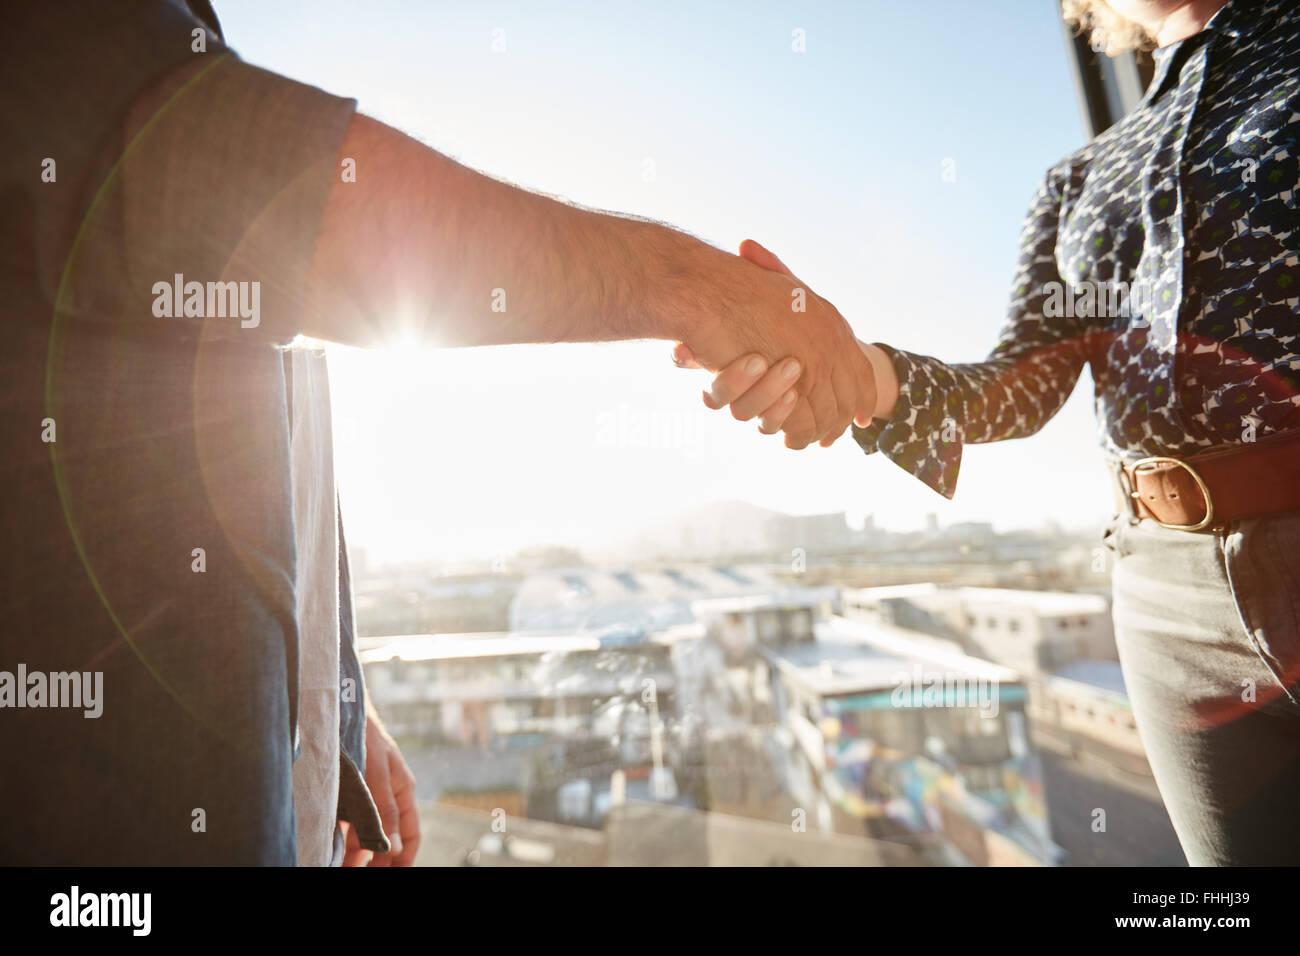 Handschlag von zwei Mitarbeitern mit Sonnenlicht. Männliche Führungskraft seine Hand mit Kollegin, Konzentration Stockbild